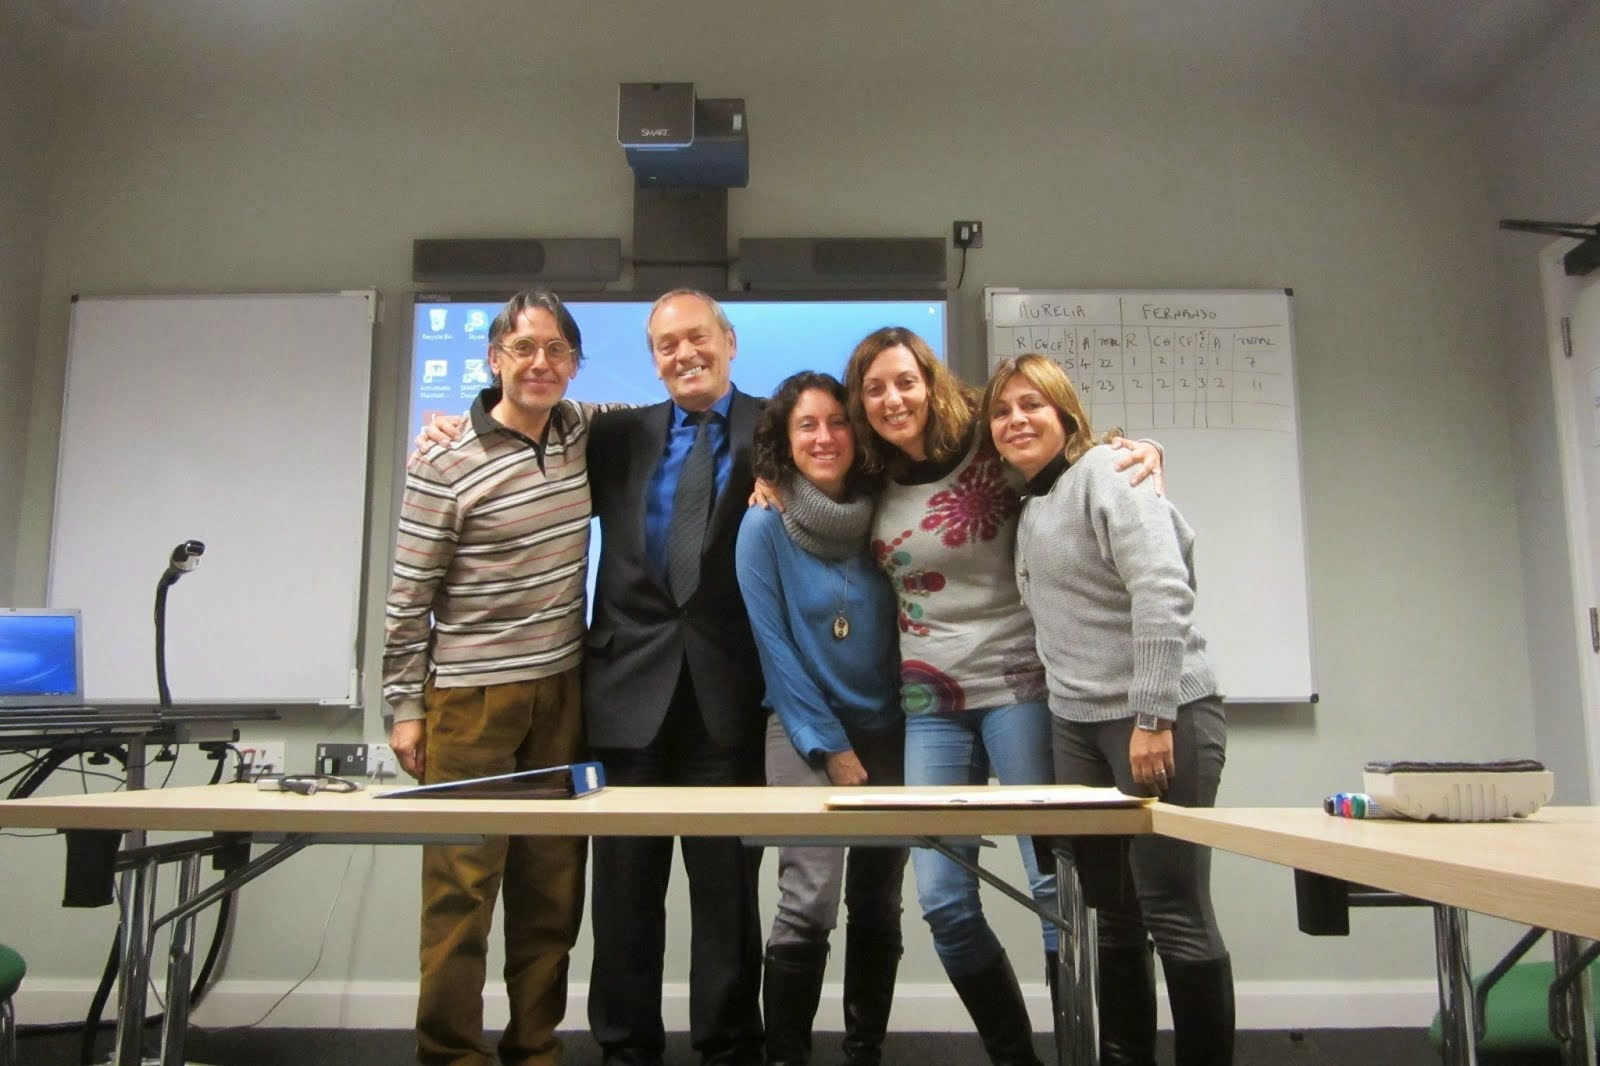 Con Dave Allan del Nile Institute